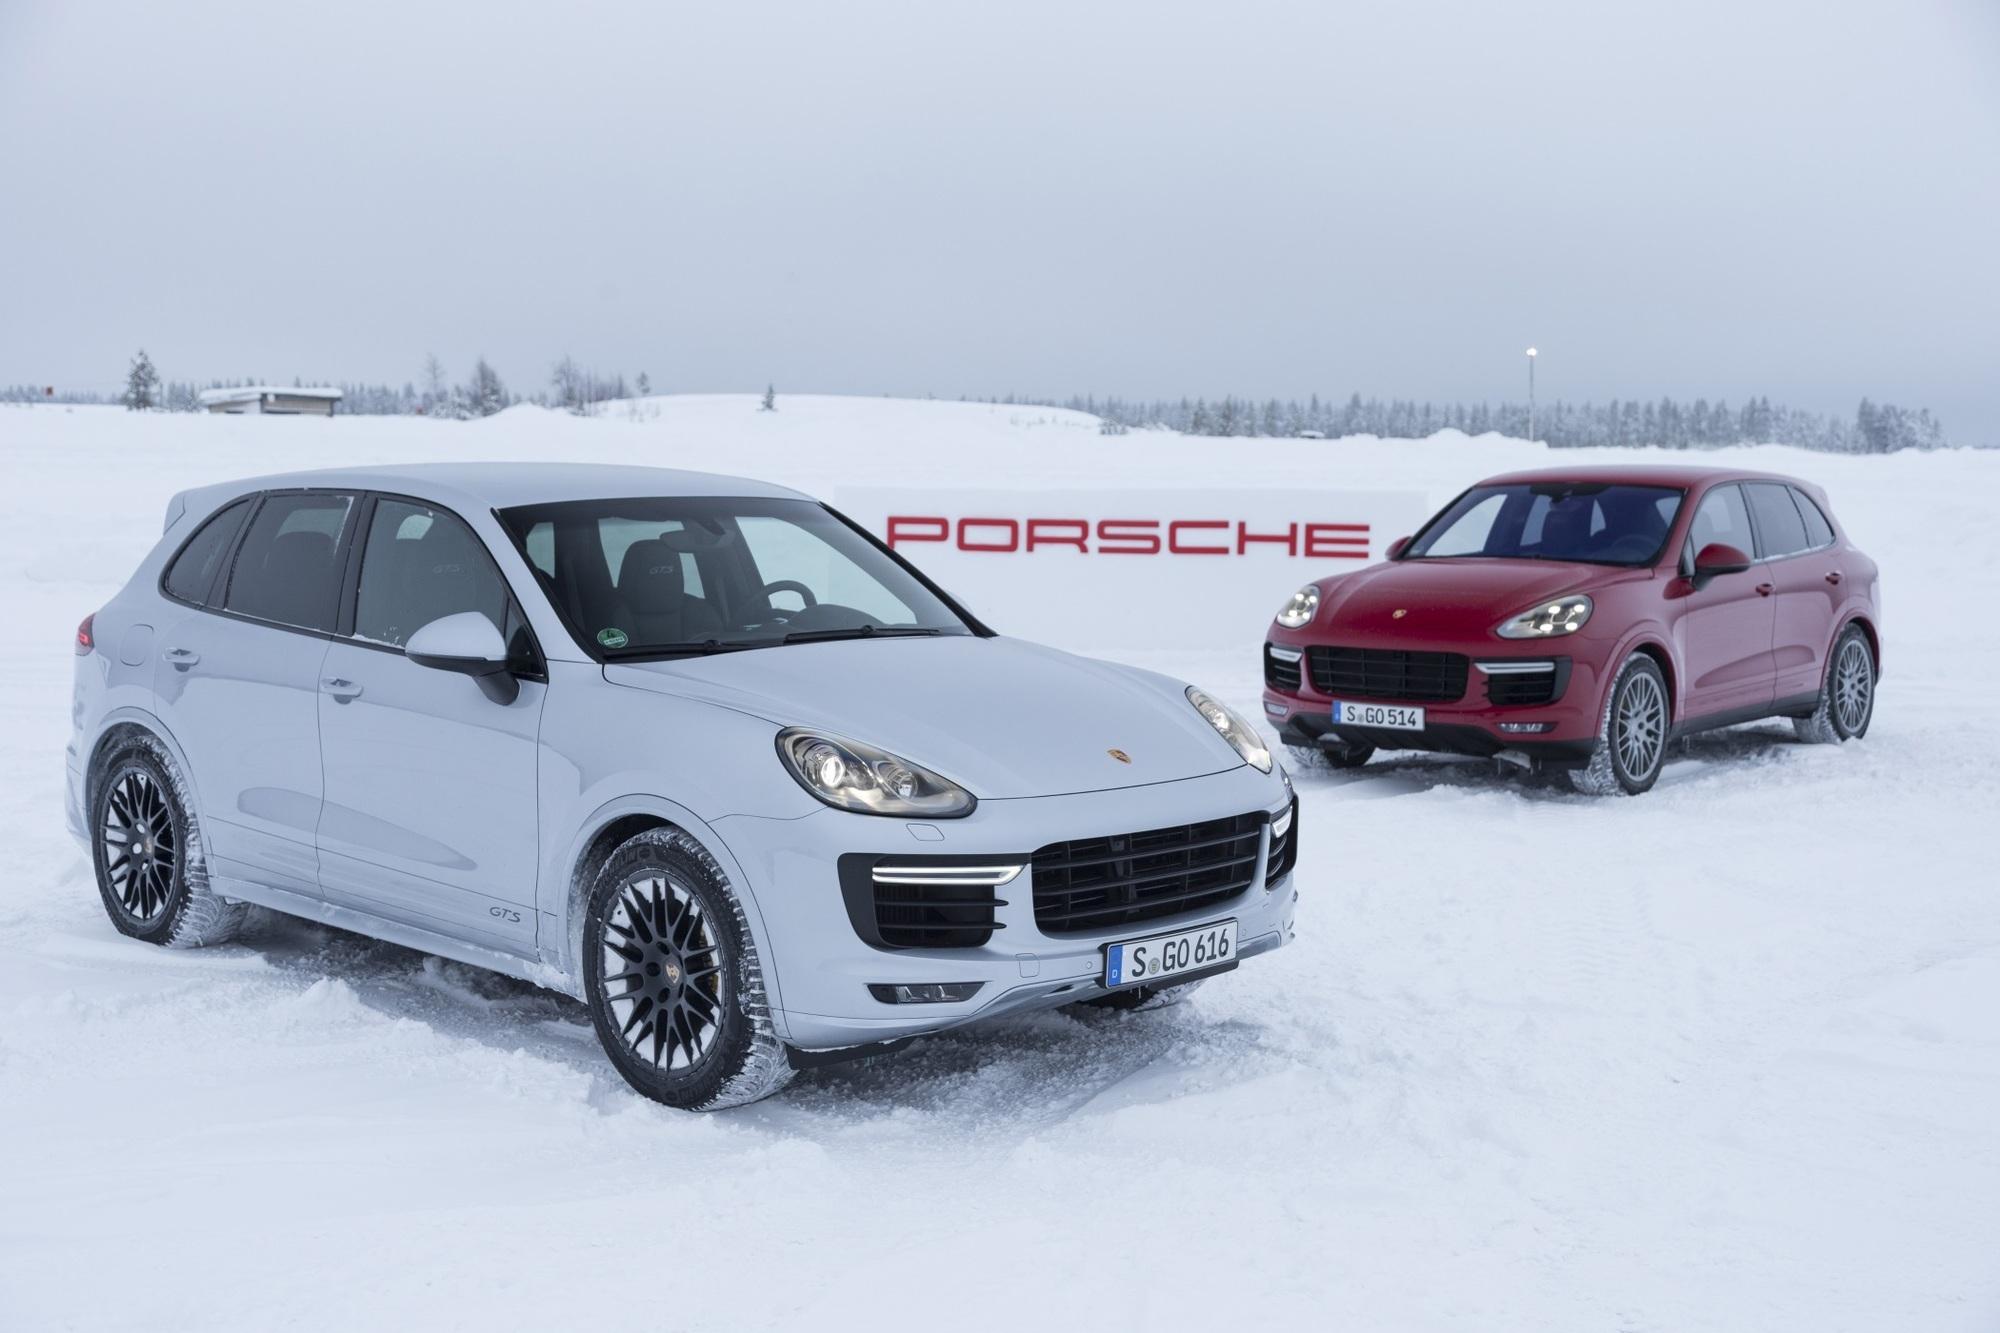 Fahrbericht: Porsche Cayenne GTS und Turbo S - Könige der Löwen